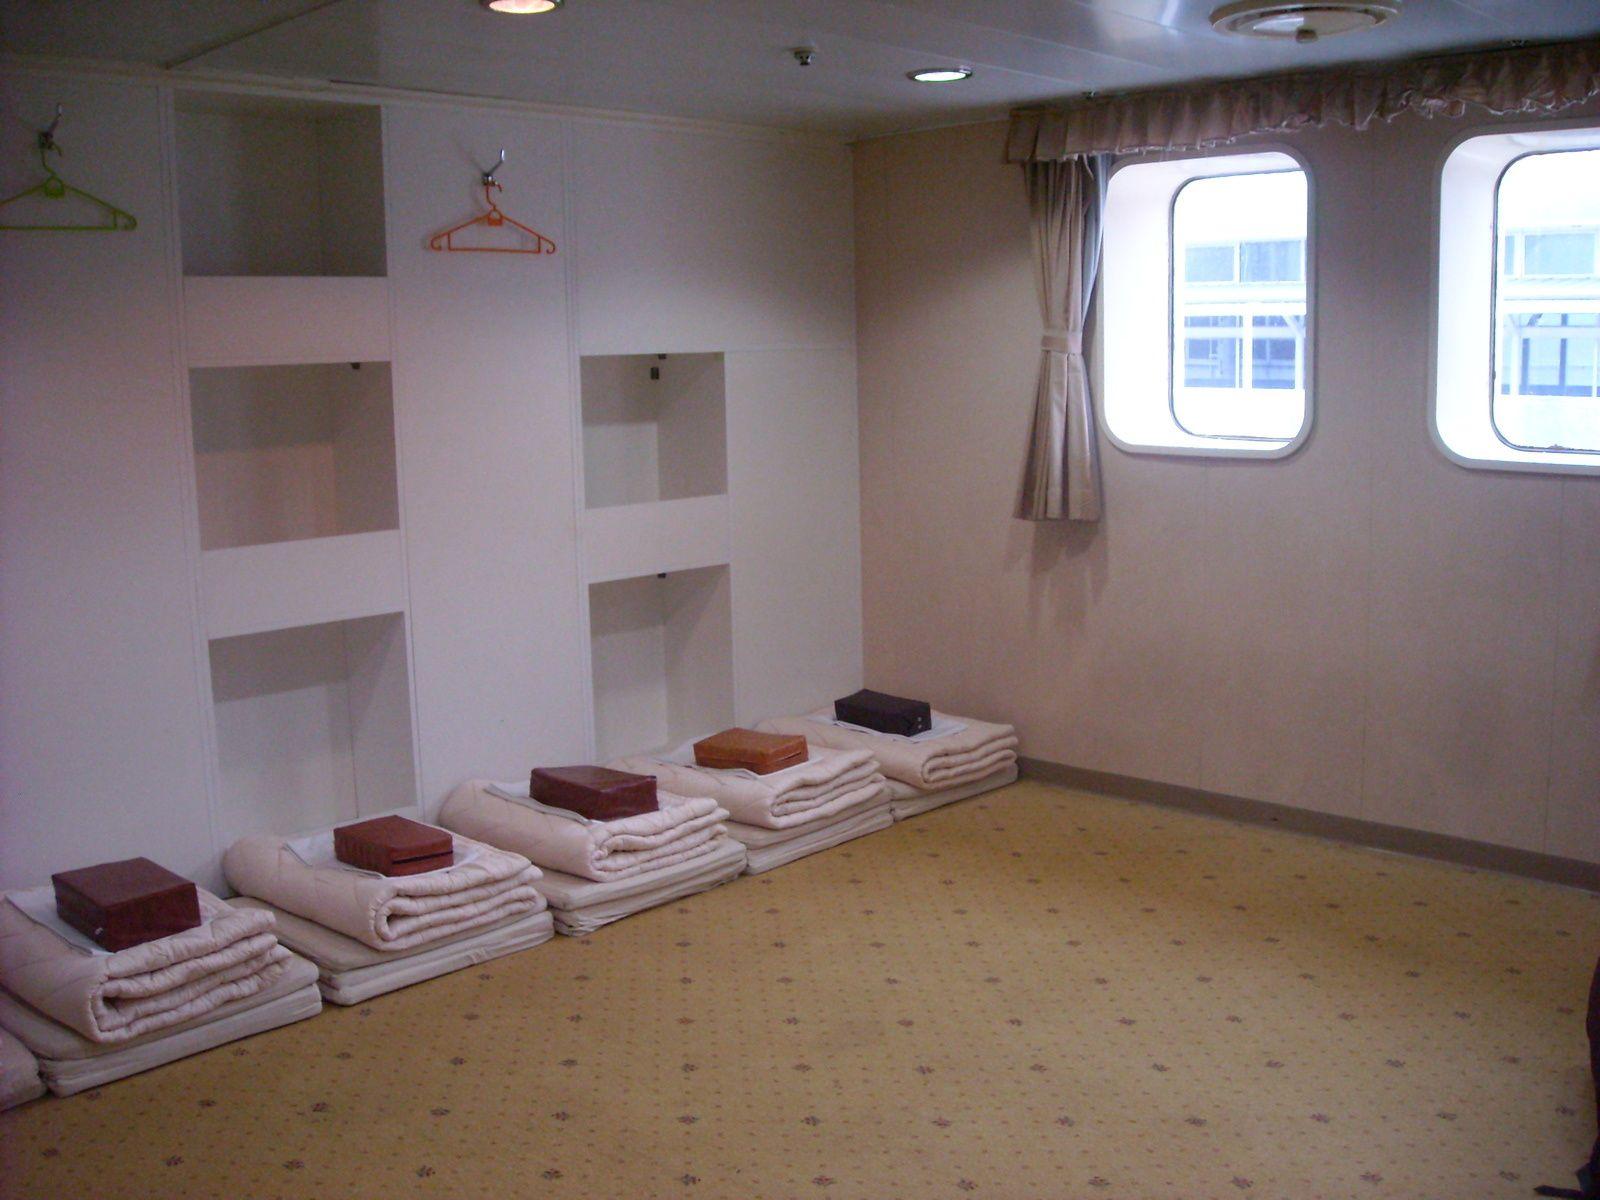 """1 et 2. la gare (tres belle) de kyoto   3.notre ferry   4. la chambre    5. la """"douche"""""""